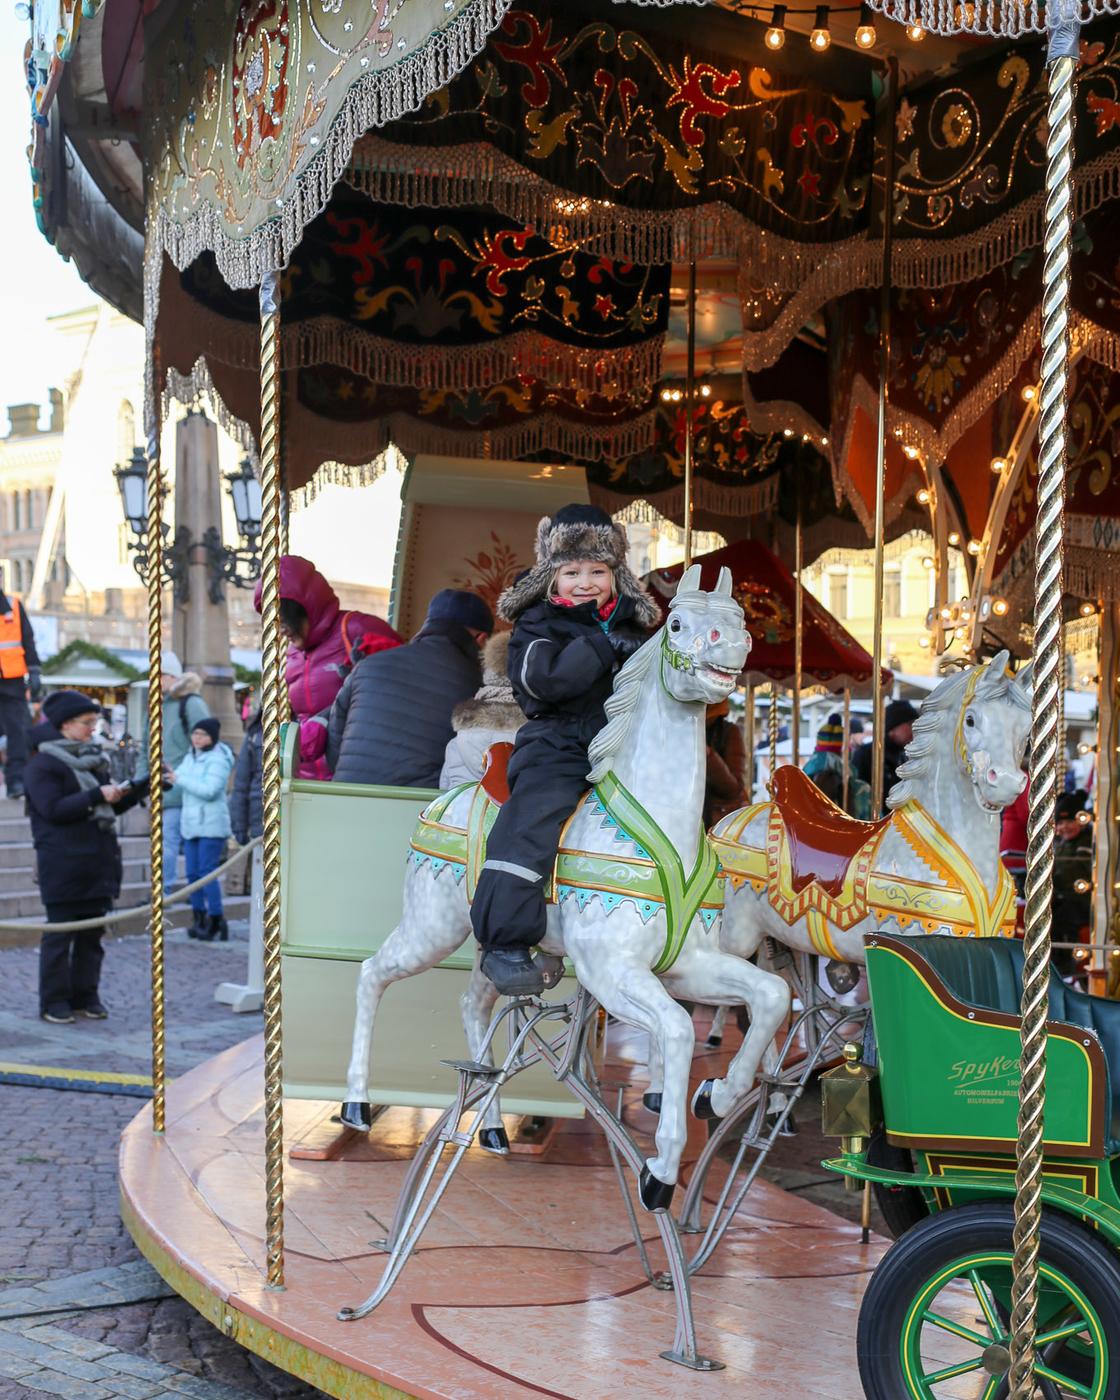 Joulukaruselli ja Tuomaan markkinat